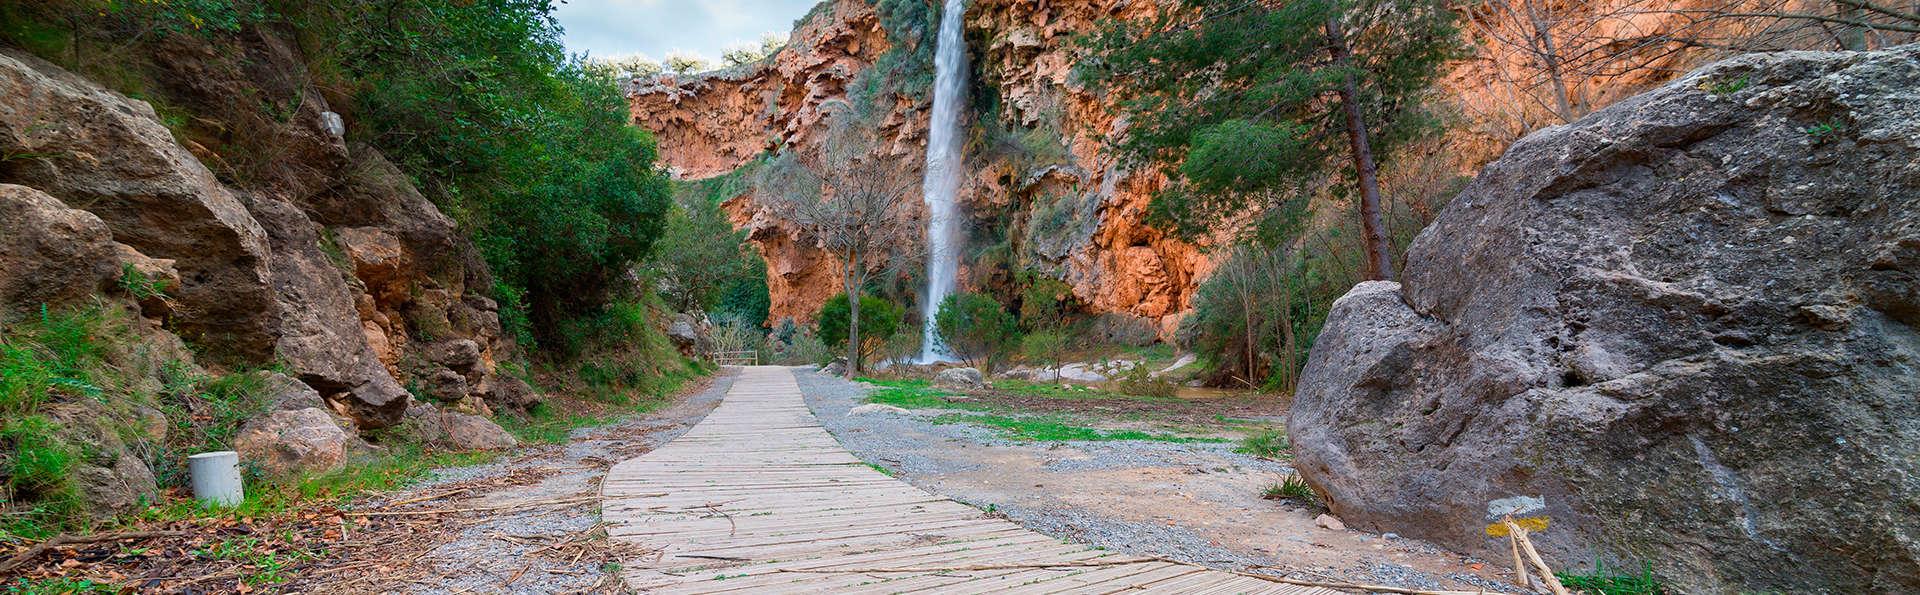 Immersion dans la nature près de Castellón de la Plana